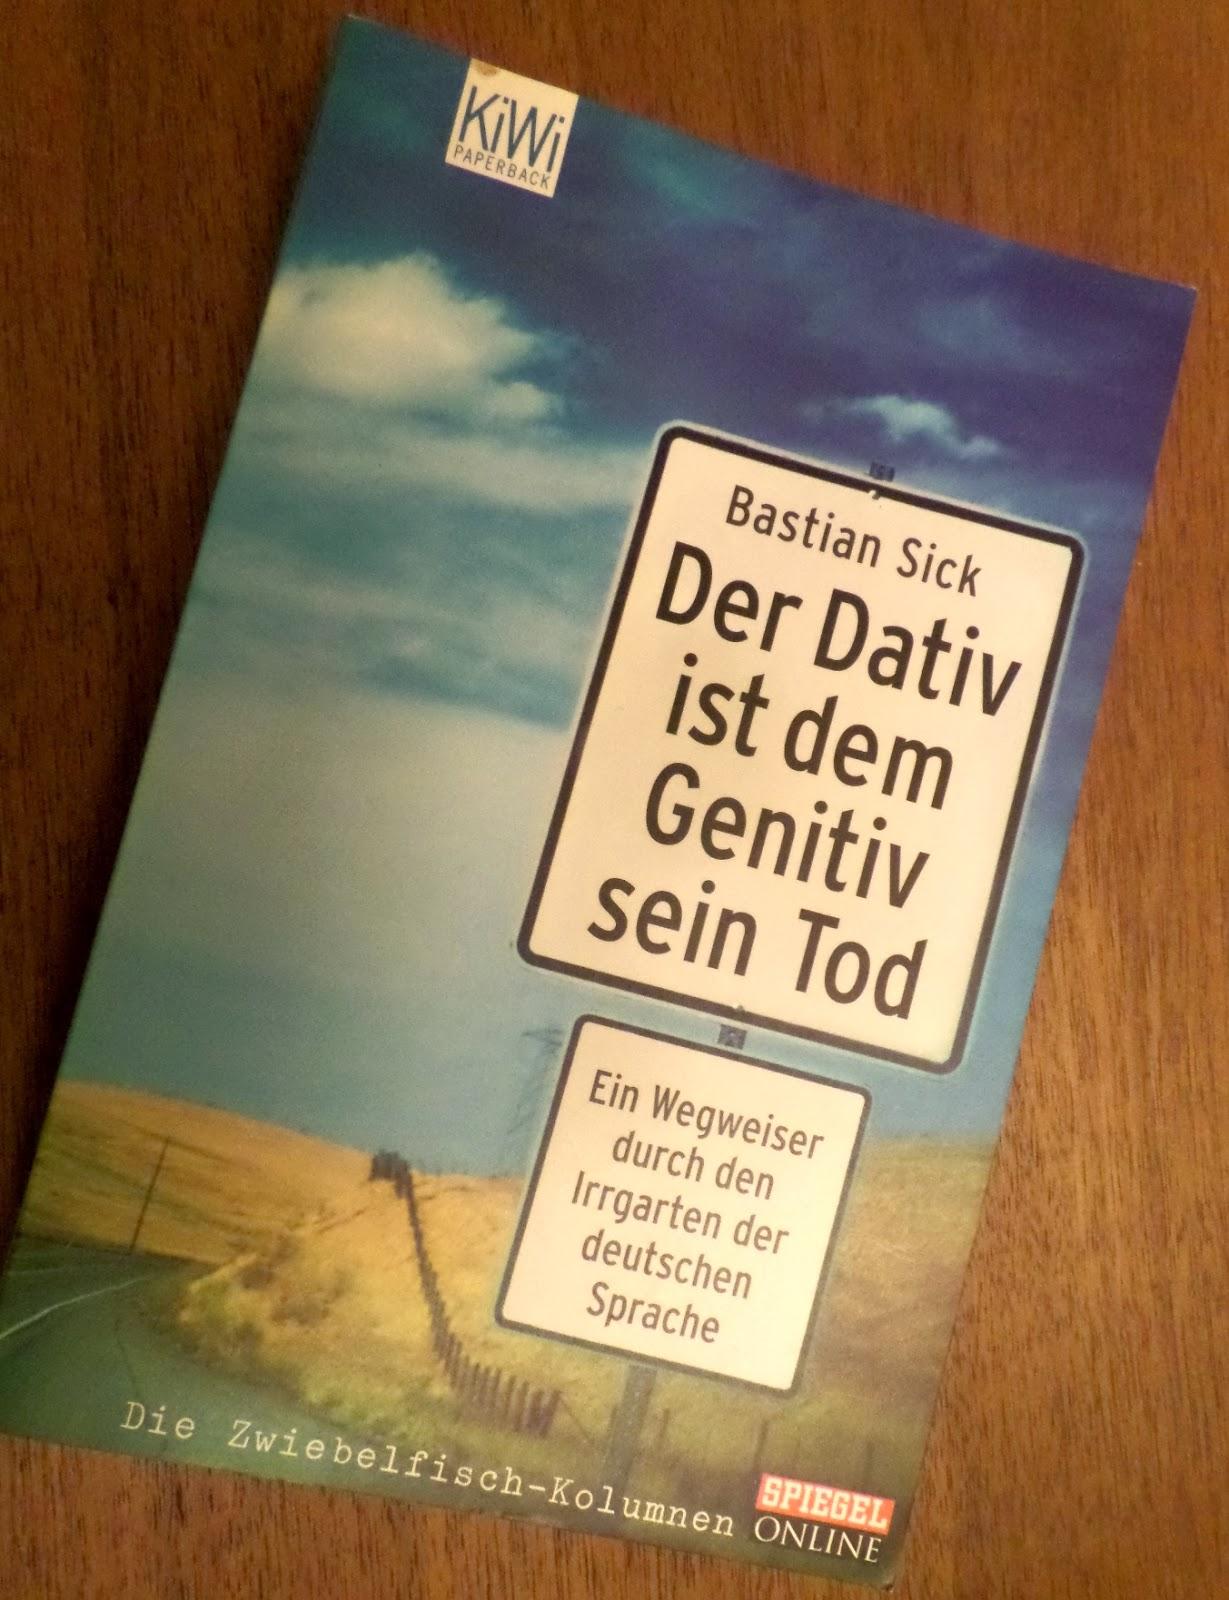 Nur Deutsch, sonst nichts: Präpositionen mit Akkusativ und Dativ william hill deal or no deal ...